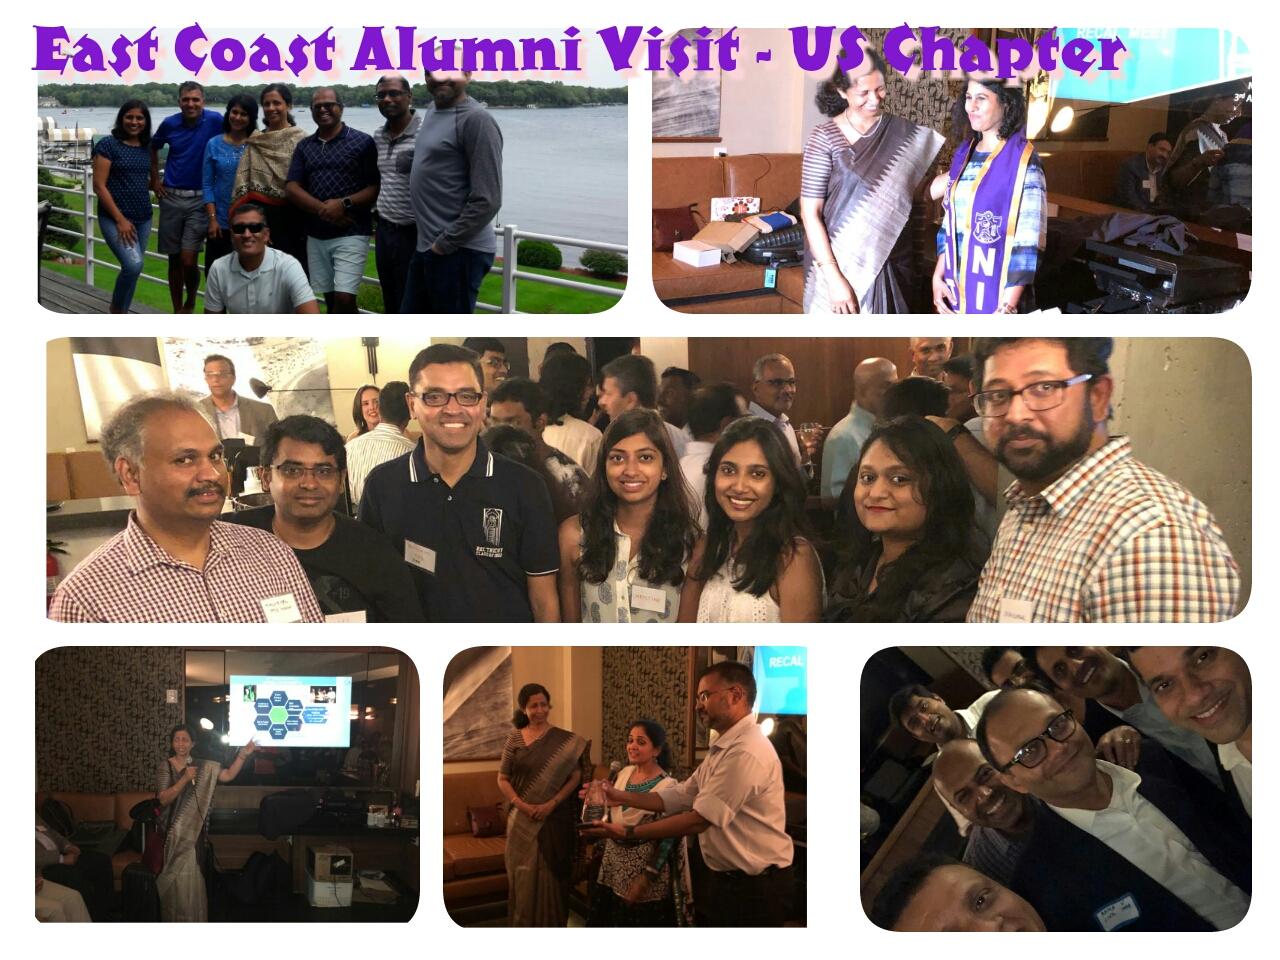 East Coast Alumni Visit